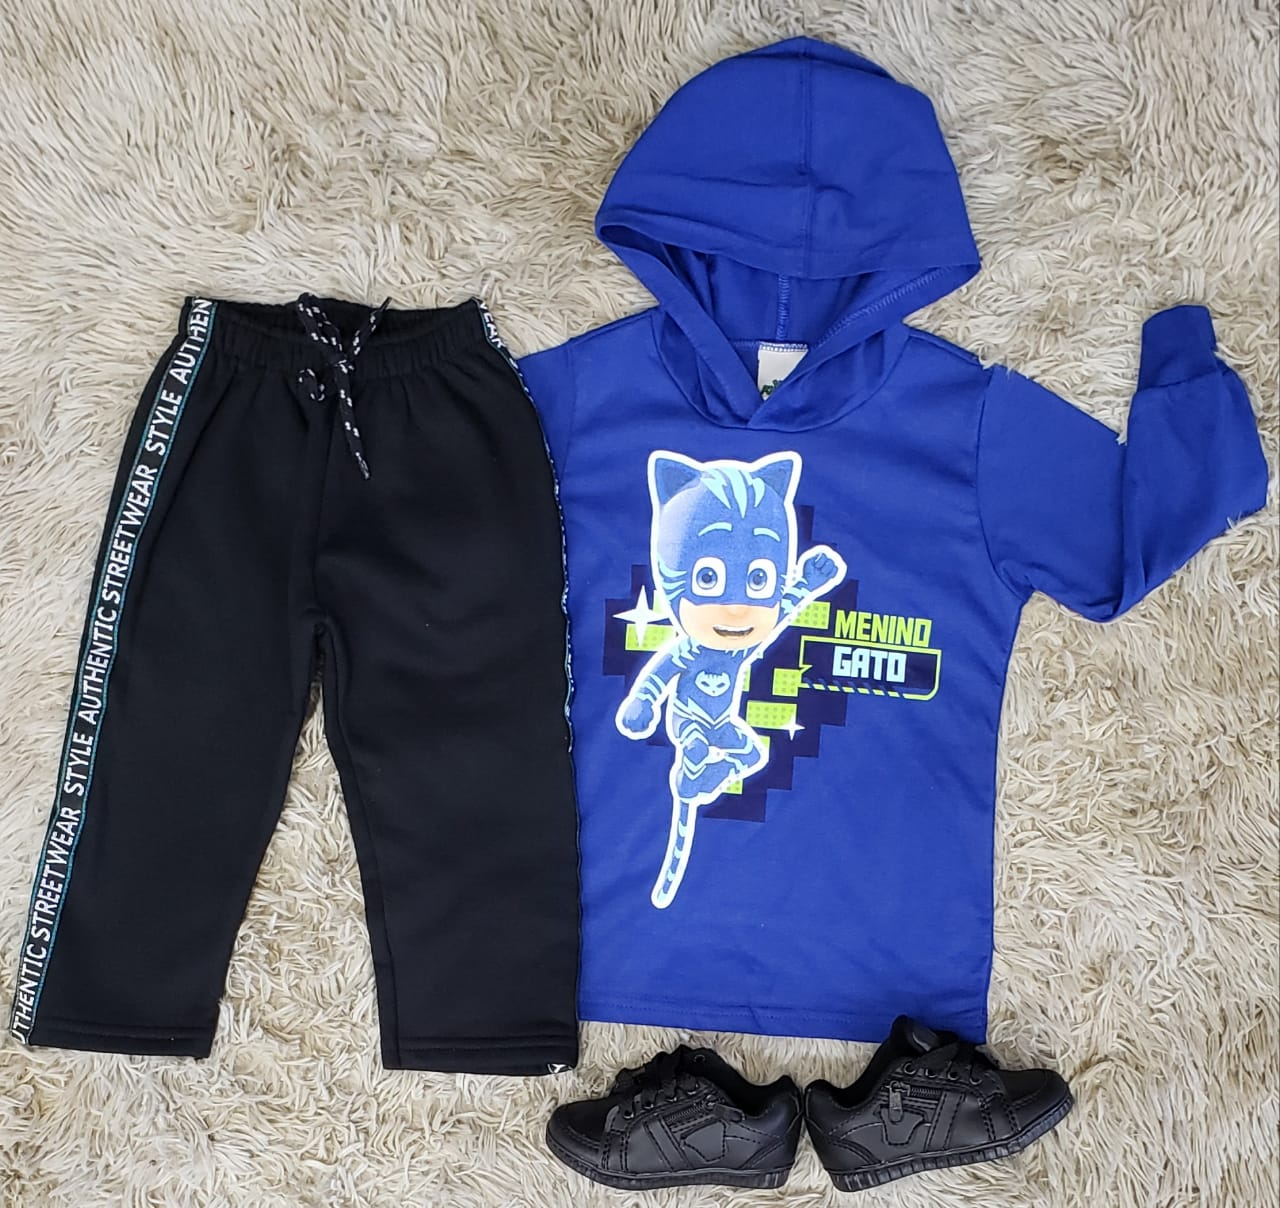 Calça Moletom Preta e Camiseta PJ Masks com Capuz